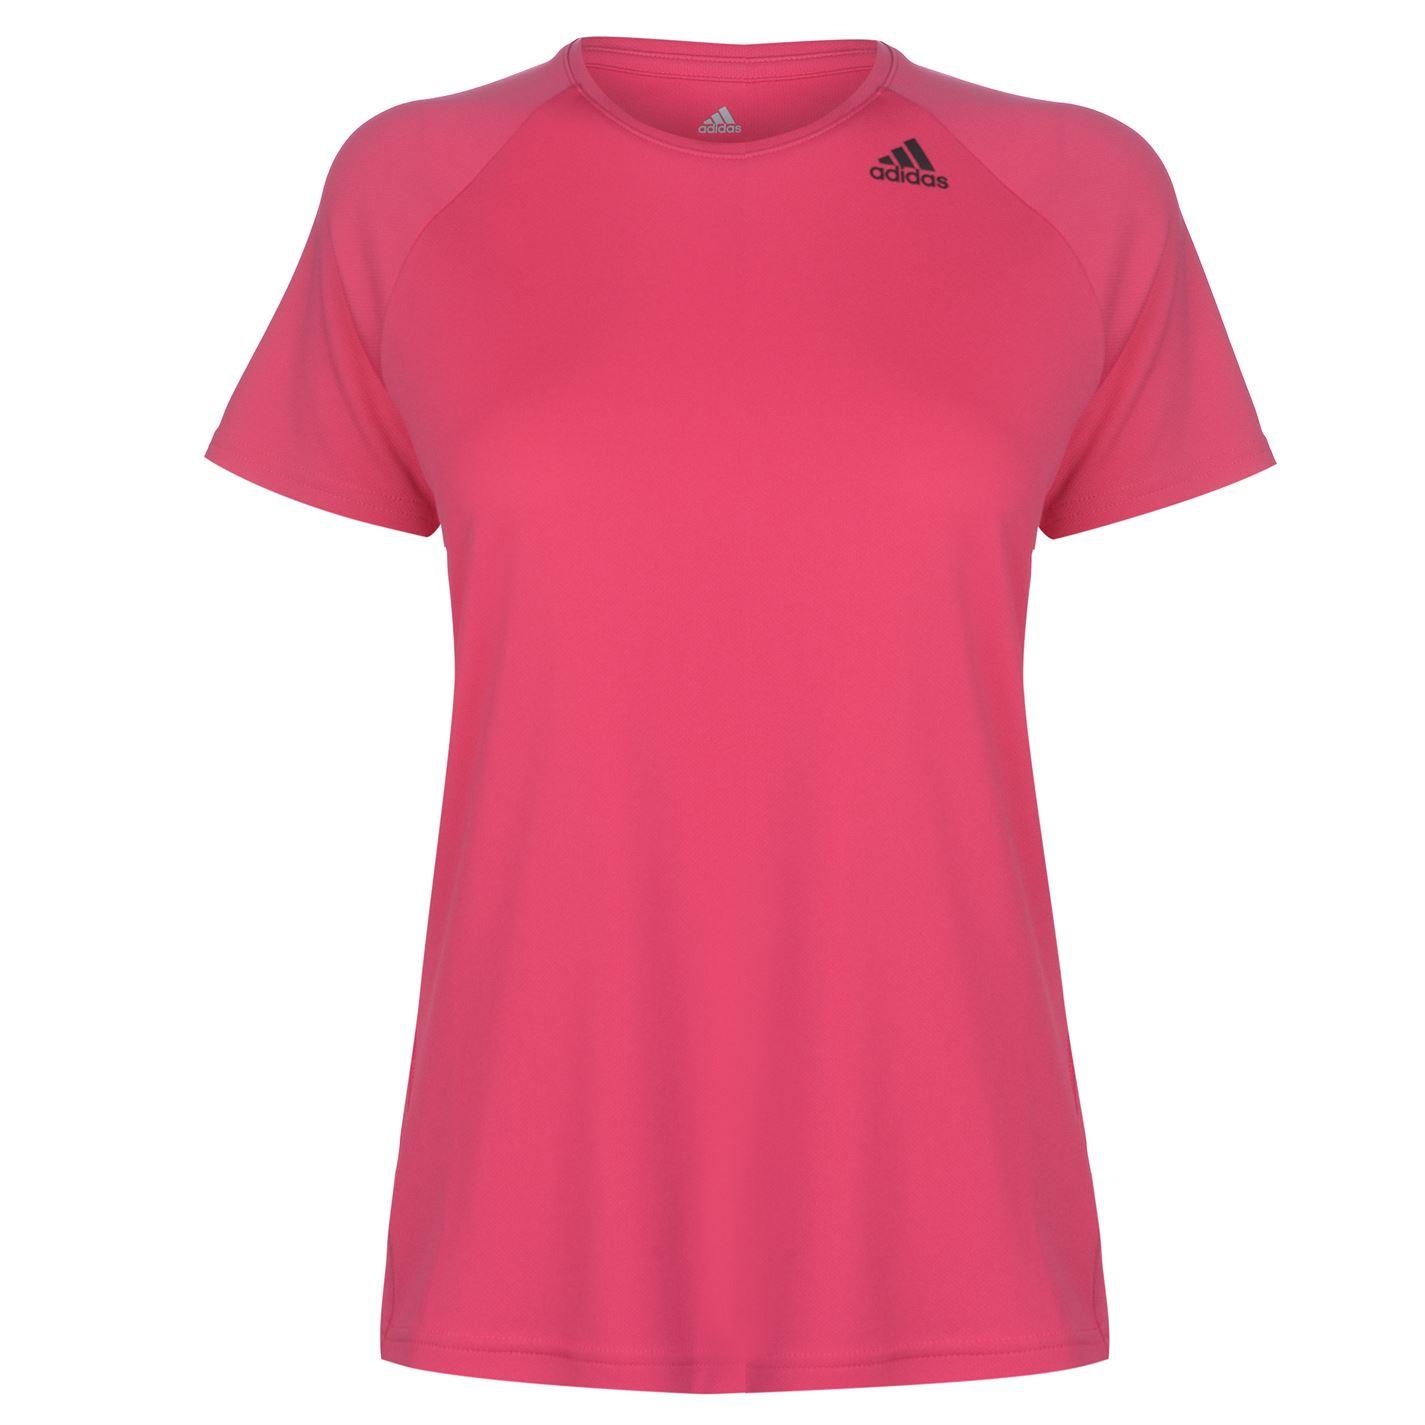 Triko adidas D2M Loose T Shirt dámské